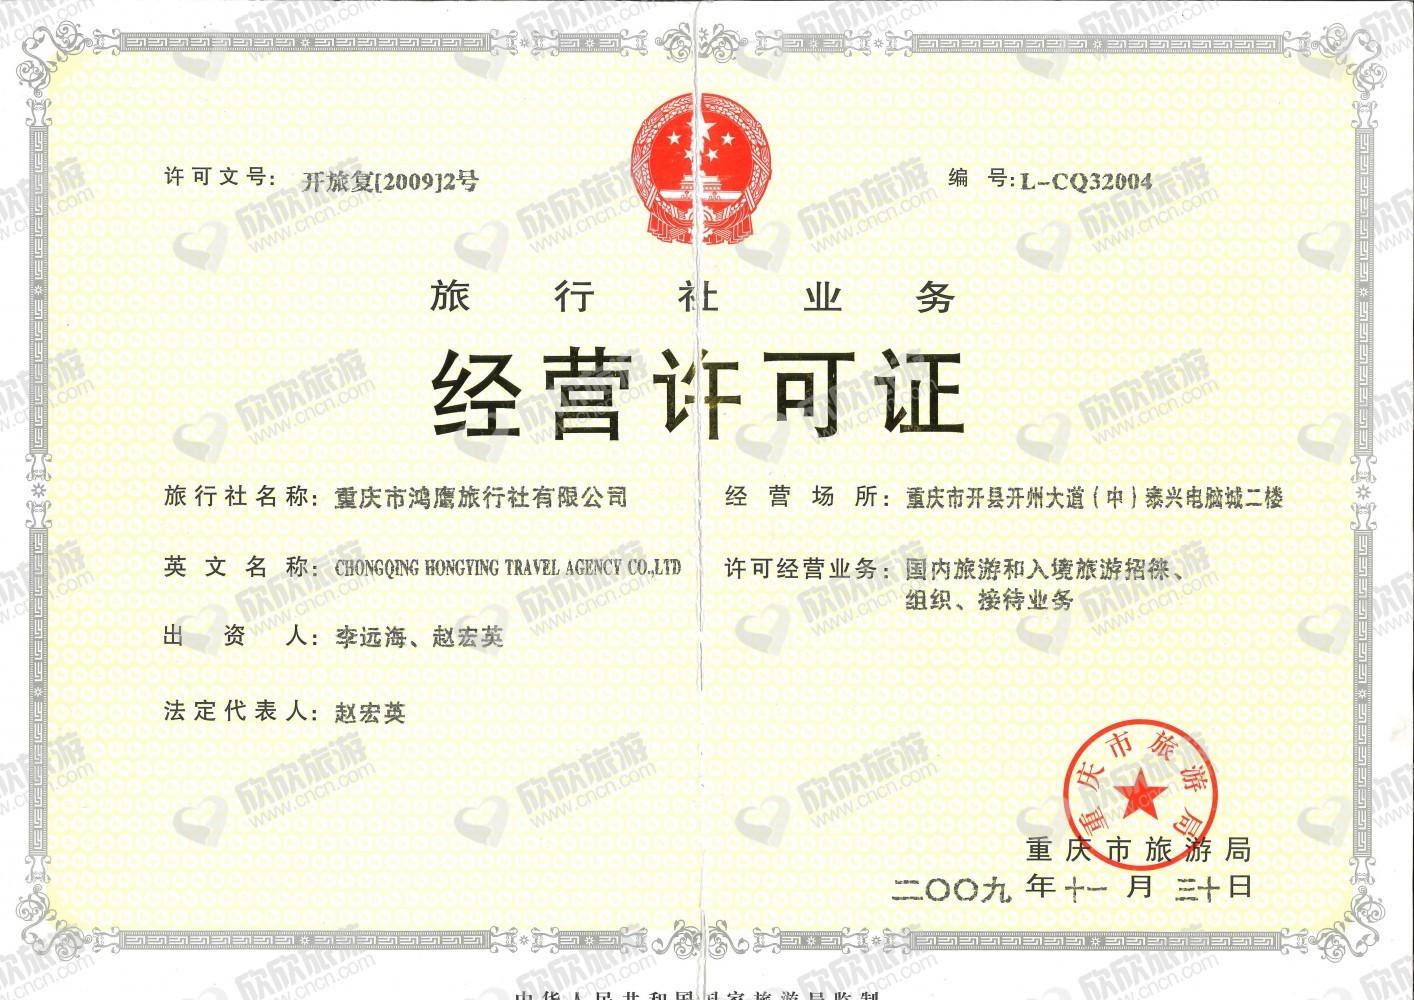 重庆鸿鹰国际旅行社有限公司经营许可证